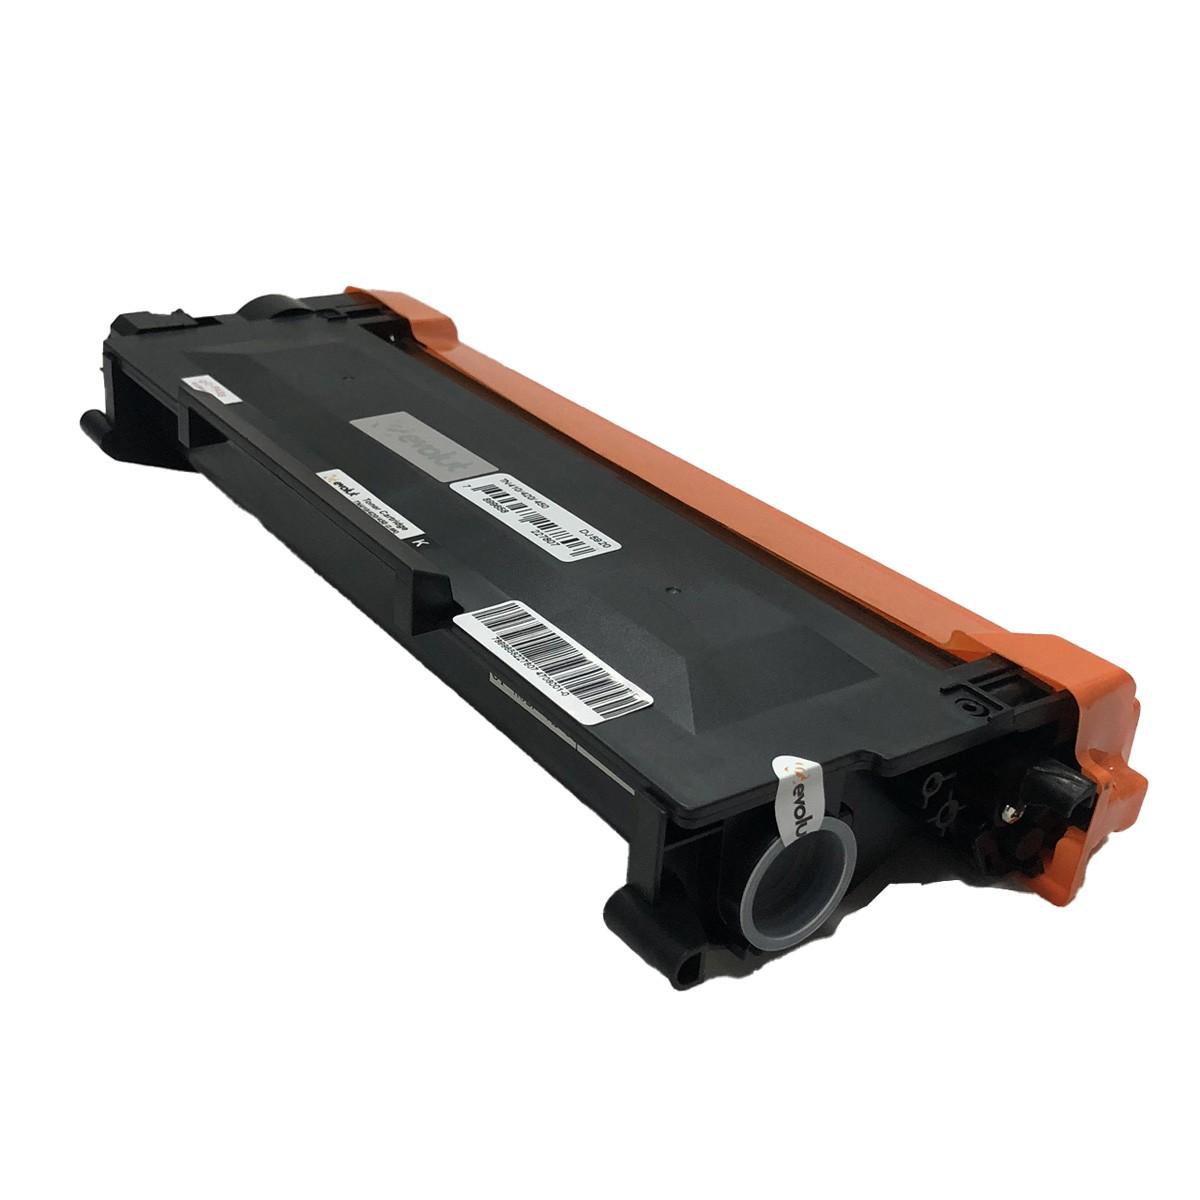 Toner TN410 Evolut Compatível com HL2220 HL2230 HL2240 HL2240D da Brother